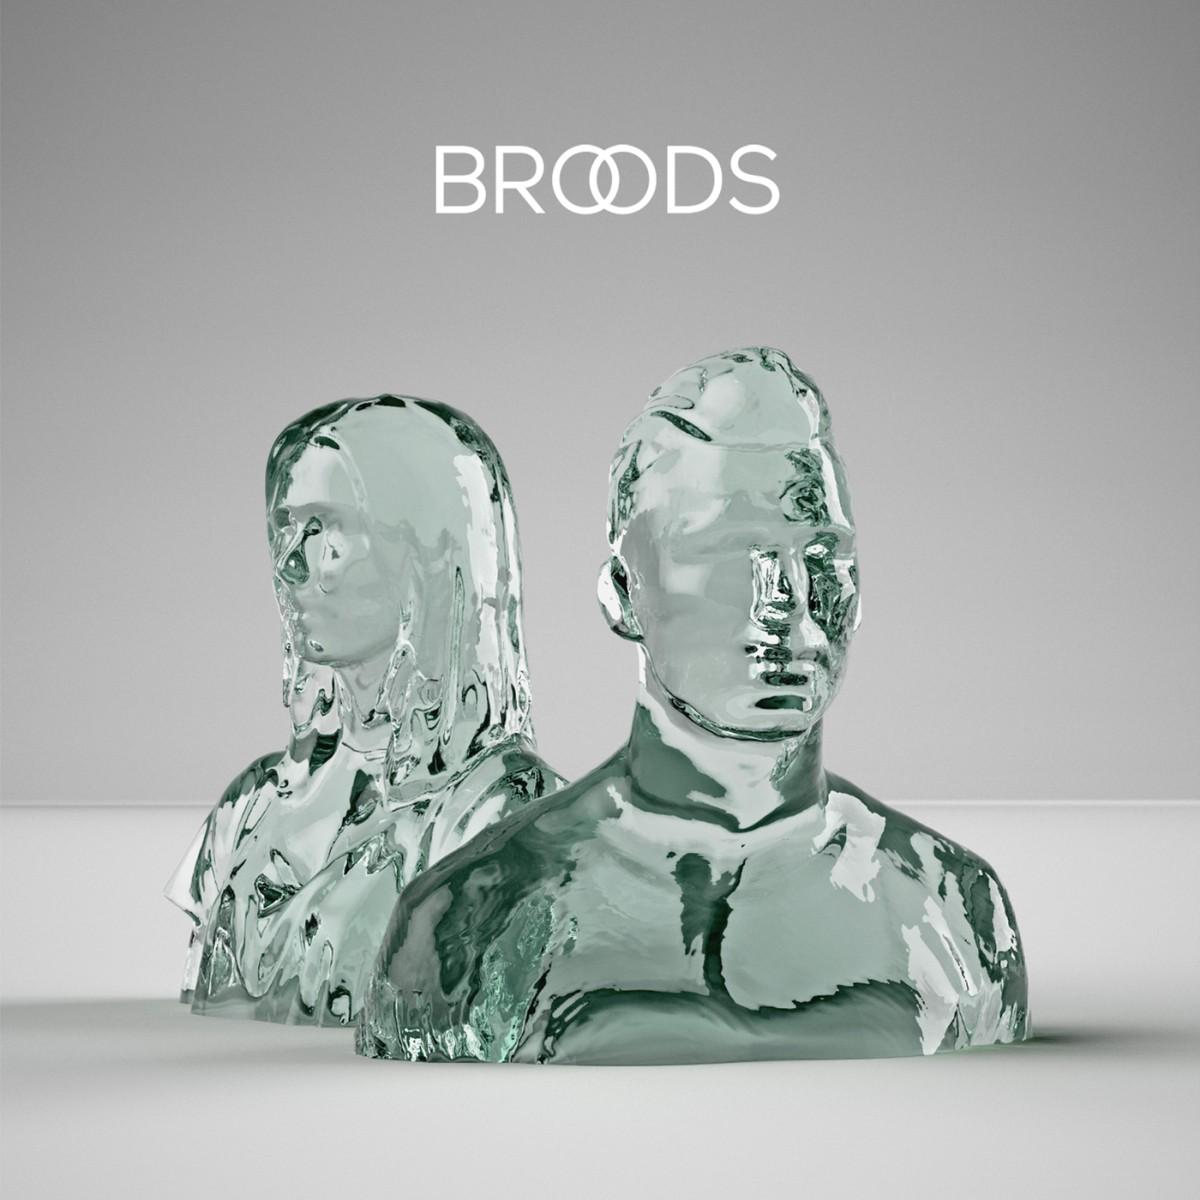 BROODS-BROODS-EP-2014-1200x1200